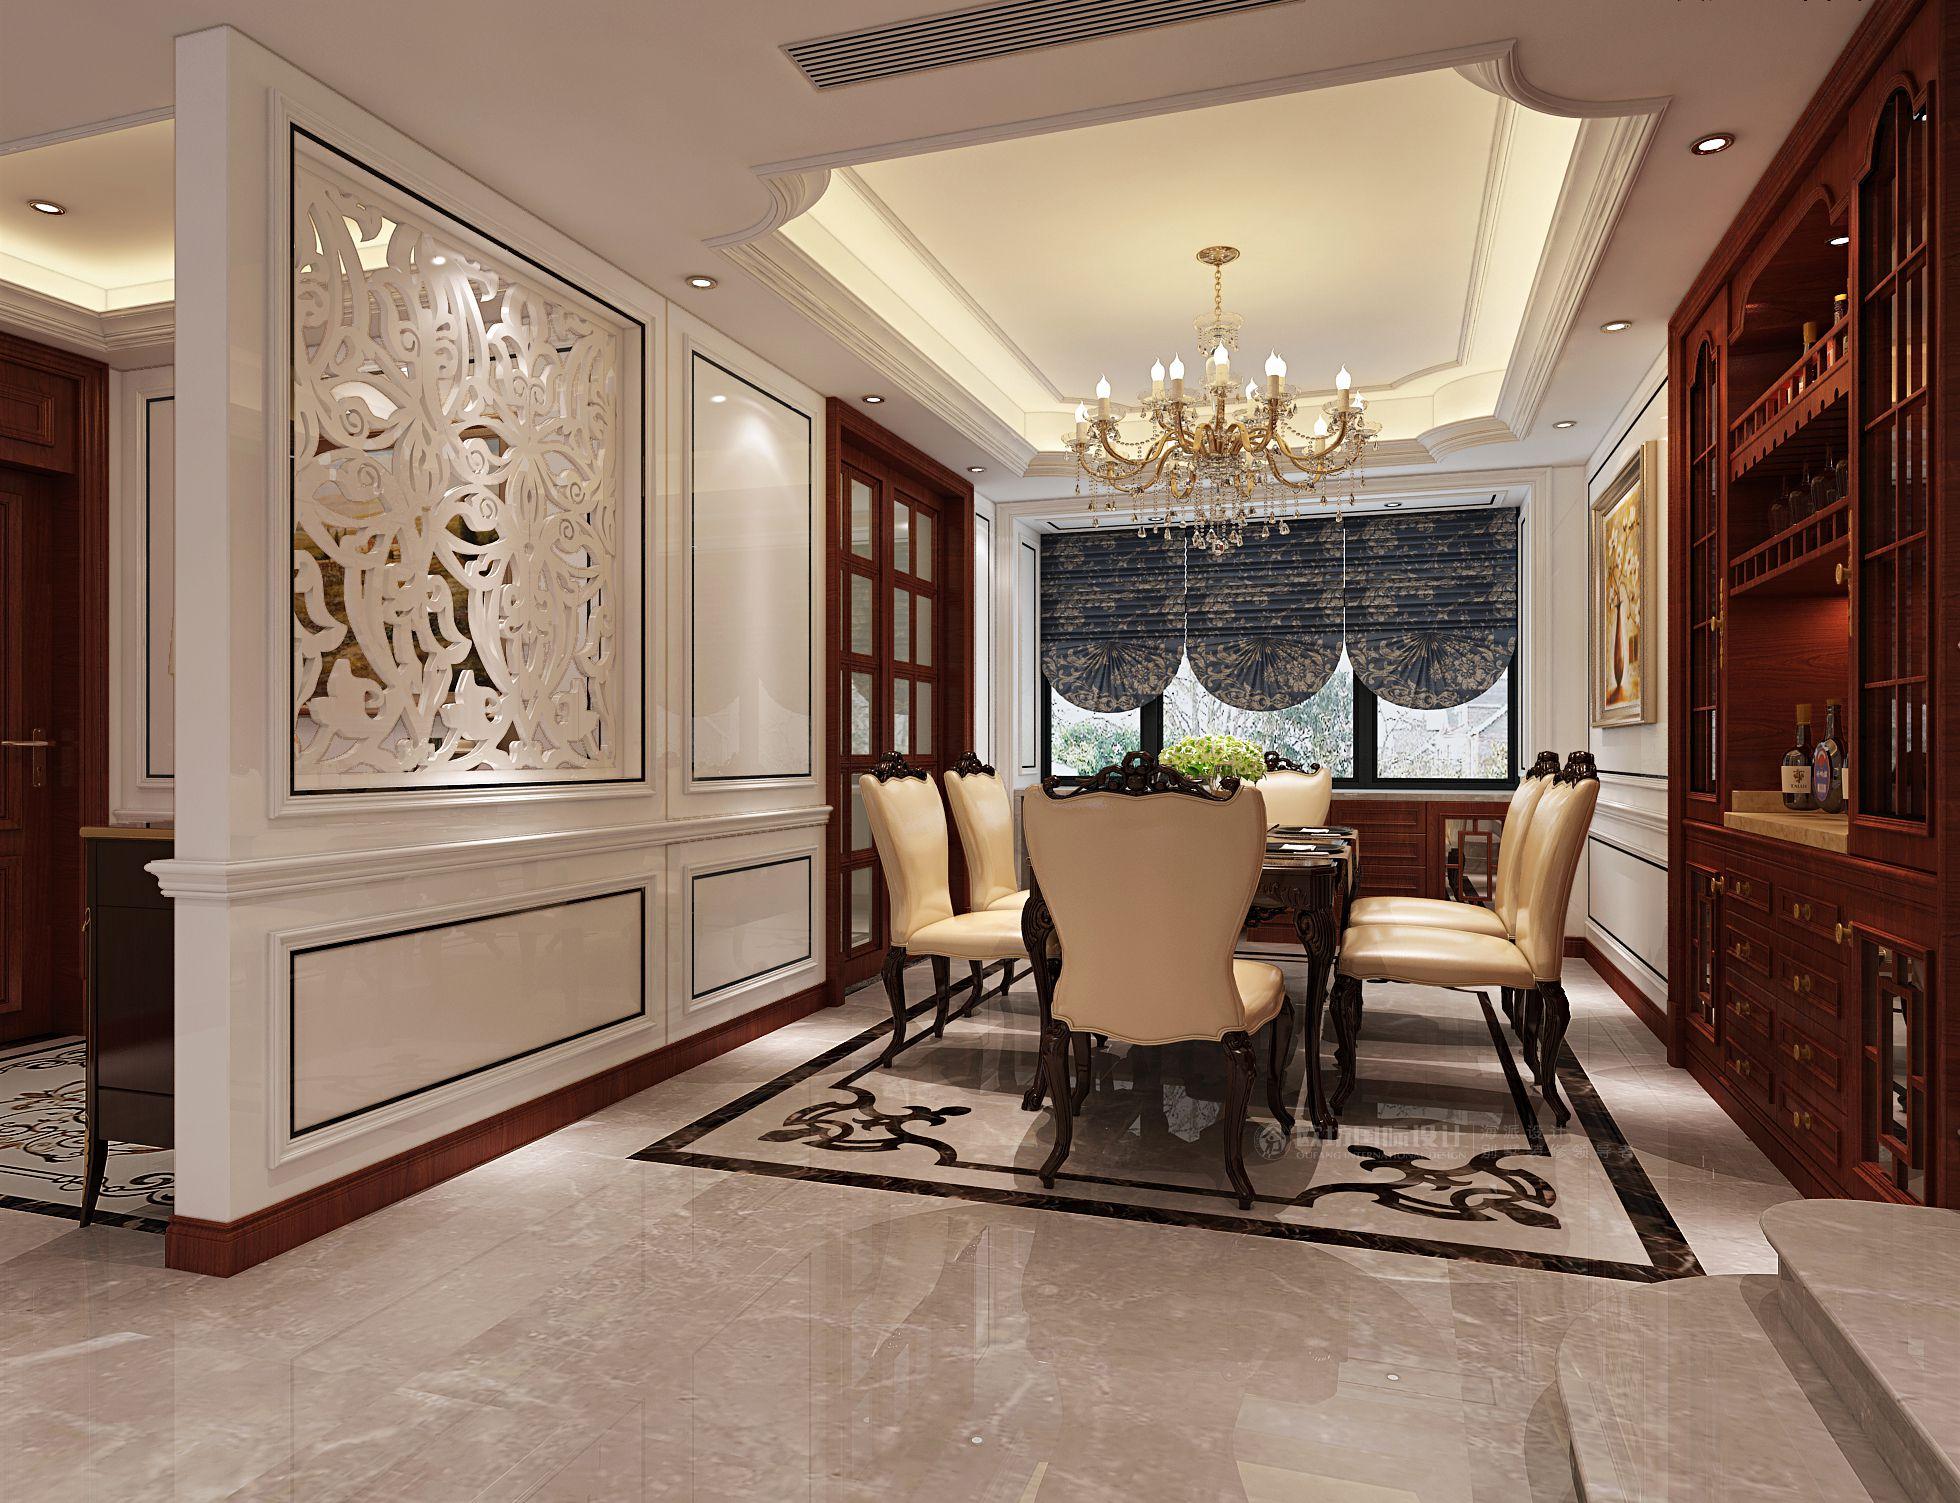 【图】上海宝莲花园大平层装修效果图欧式风格140平米